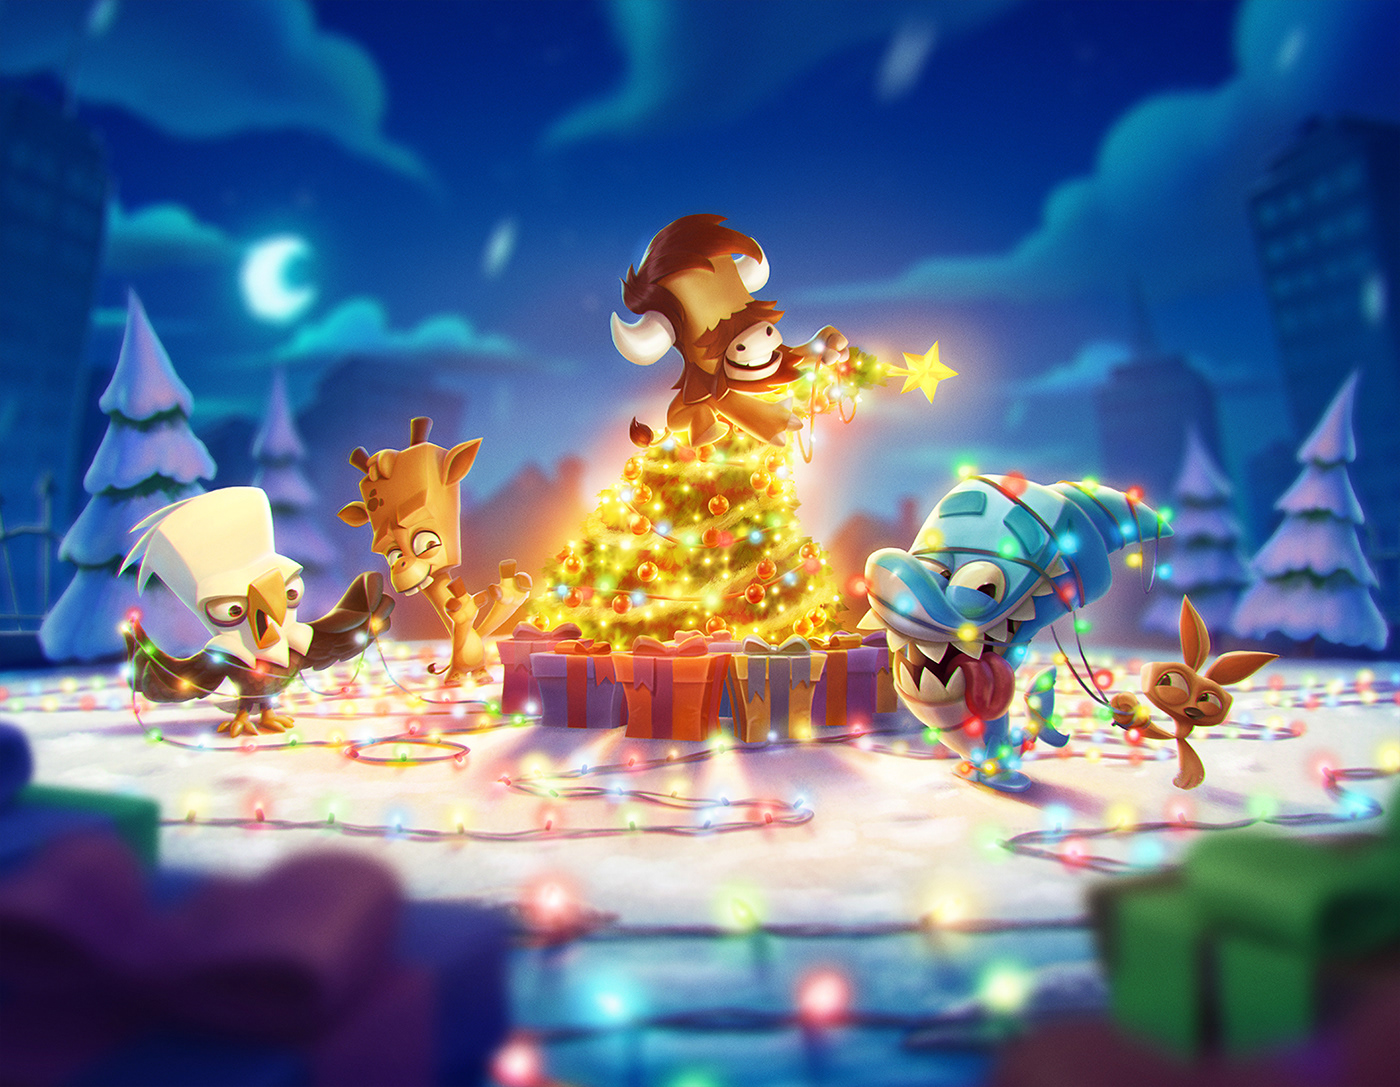 Image may contain: cartoon, screenshot and christmas tree